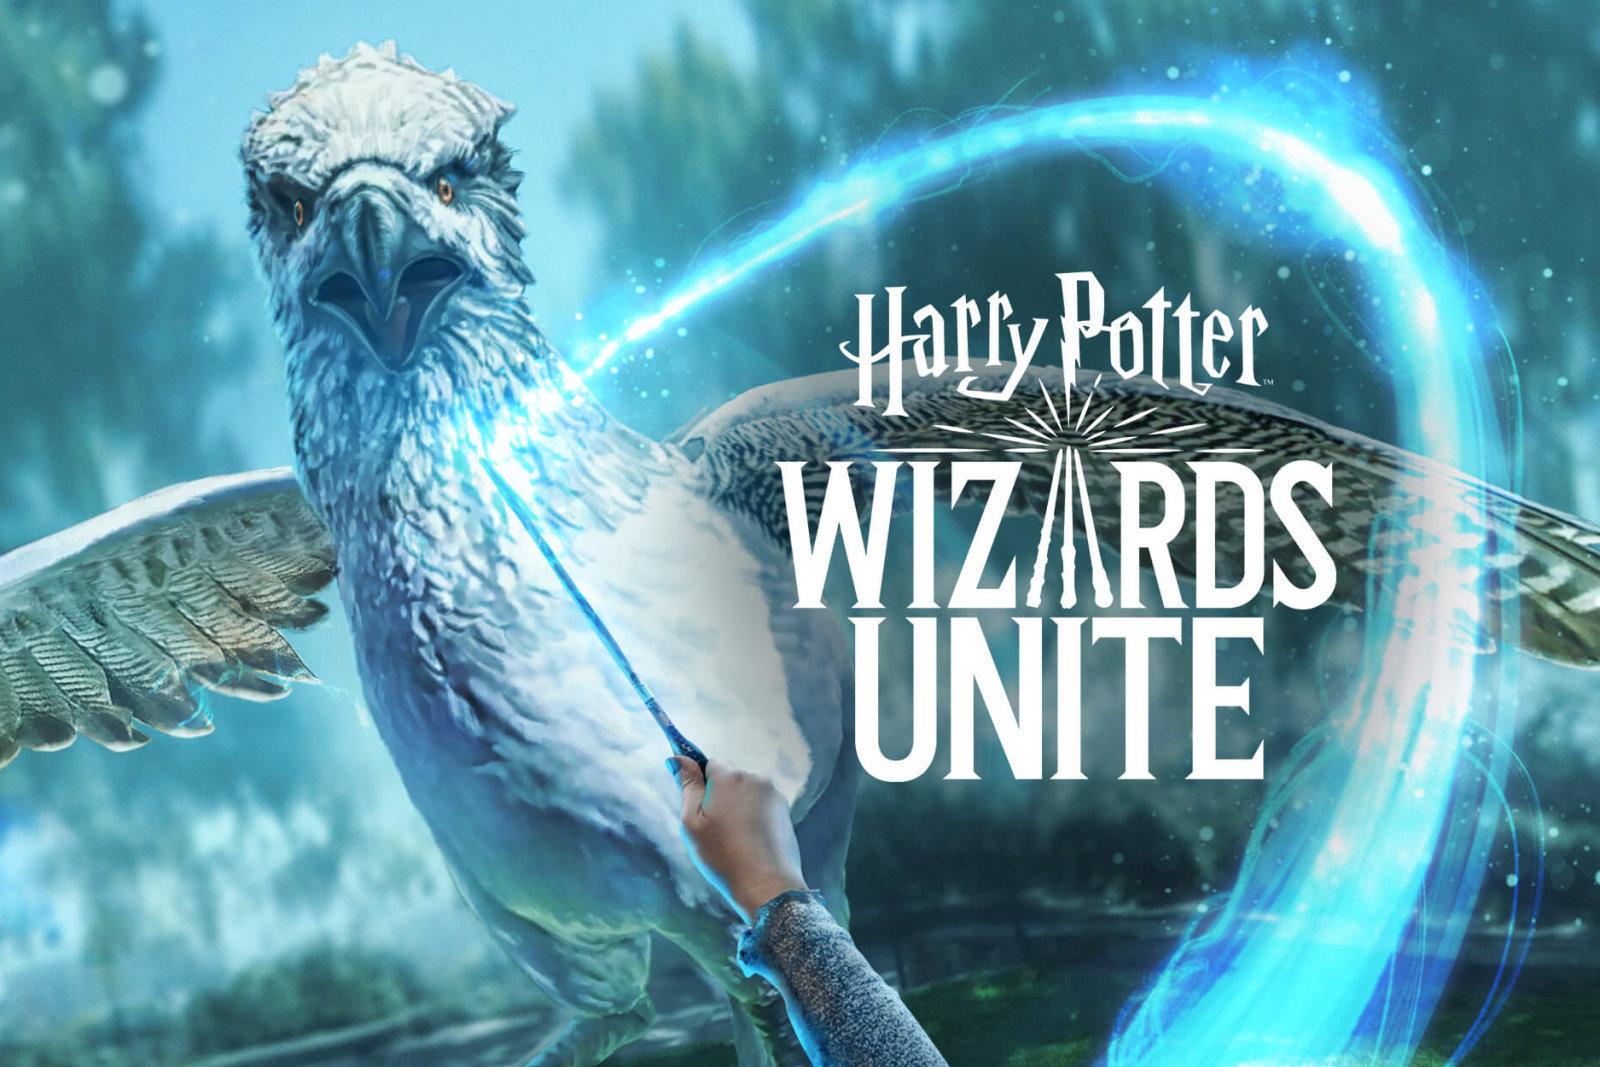 ハリポタGOでプレーヤー名予約開始。ポケモンGO・イングレスの使用名を『ハリー・ポッター:魔法同盟』で確保